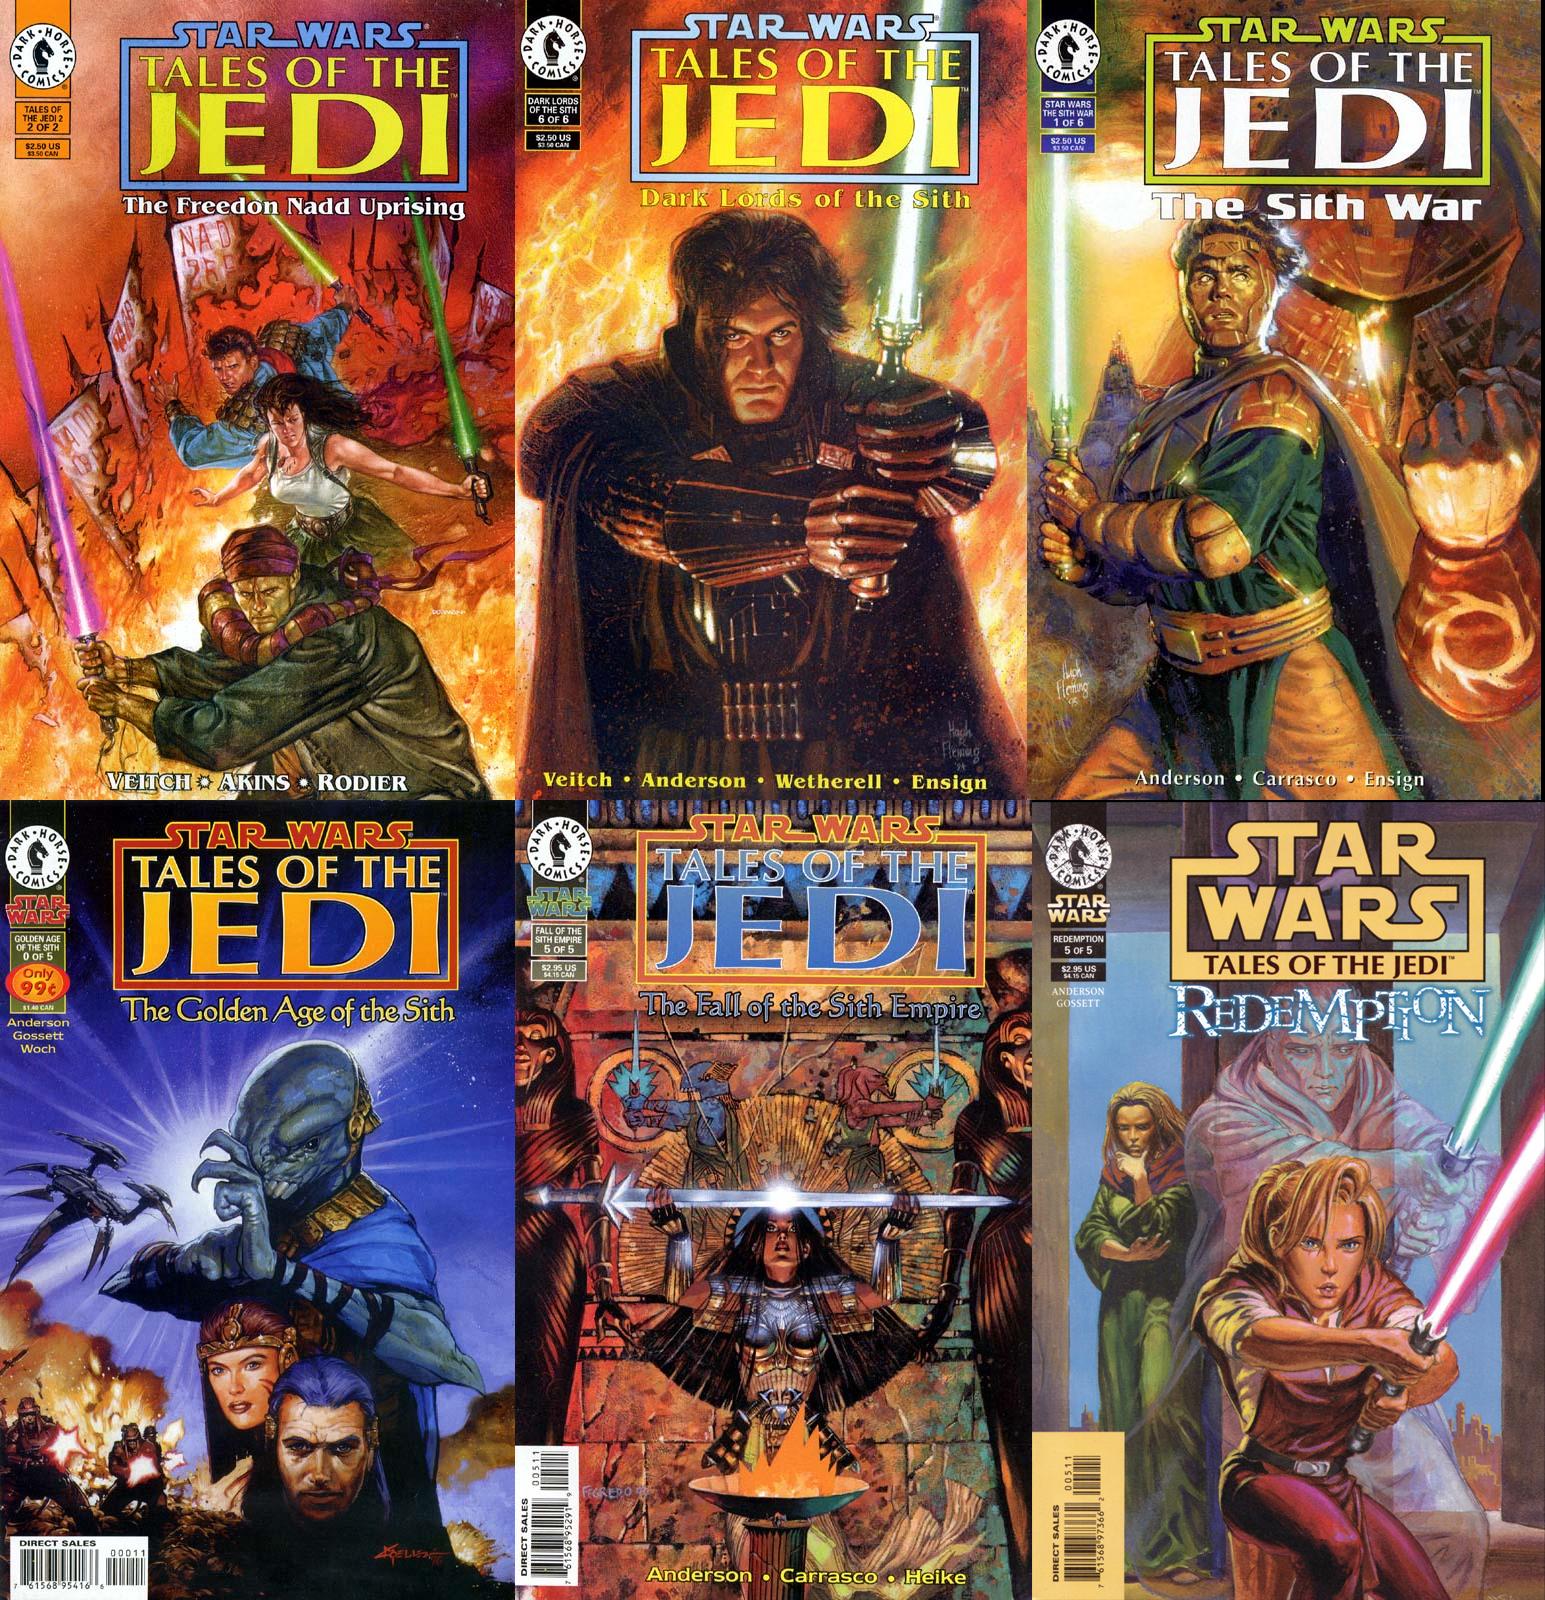 le cronache dei jedi cover art